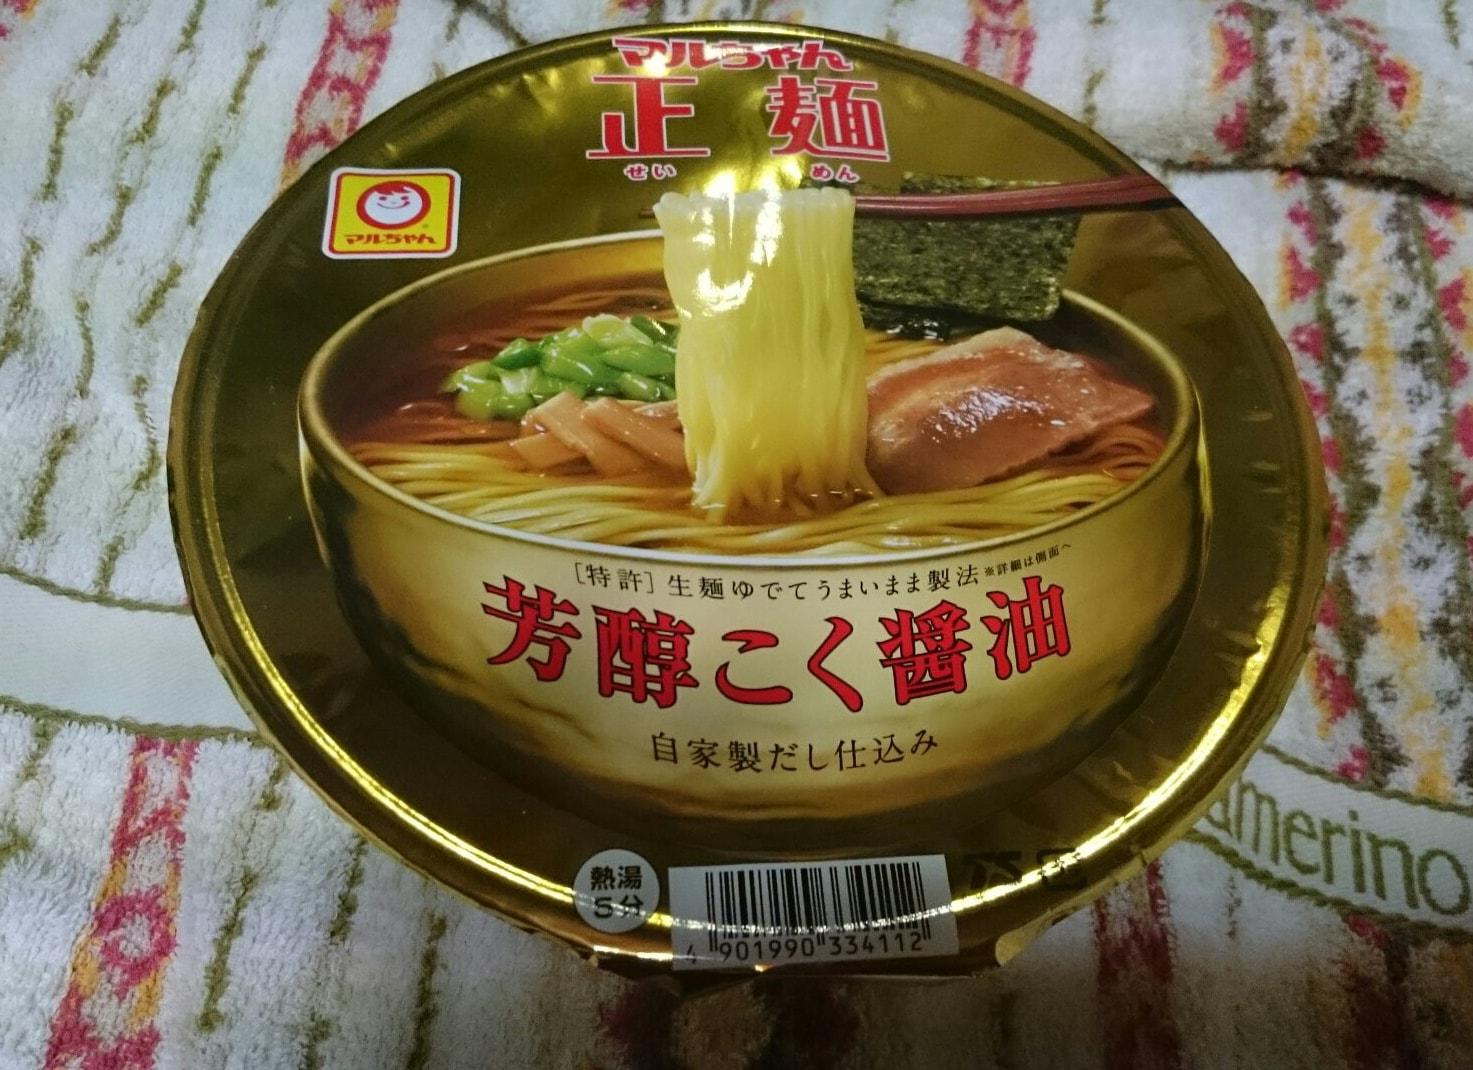 マルちゃん正麺 カップ 芳醇こく醤油